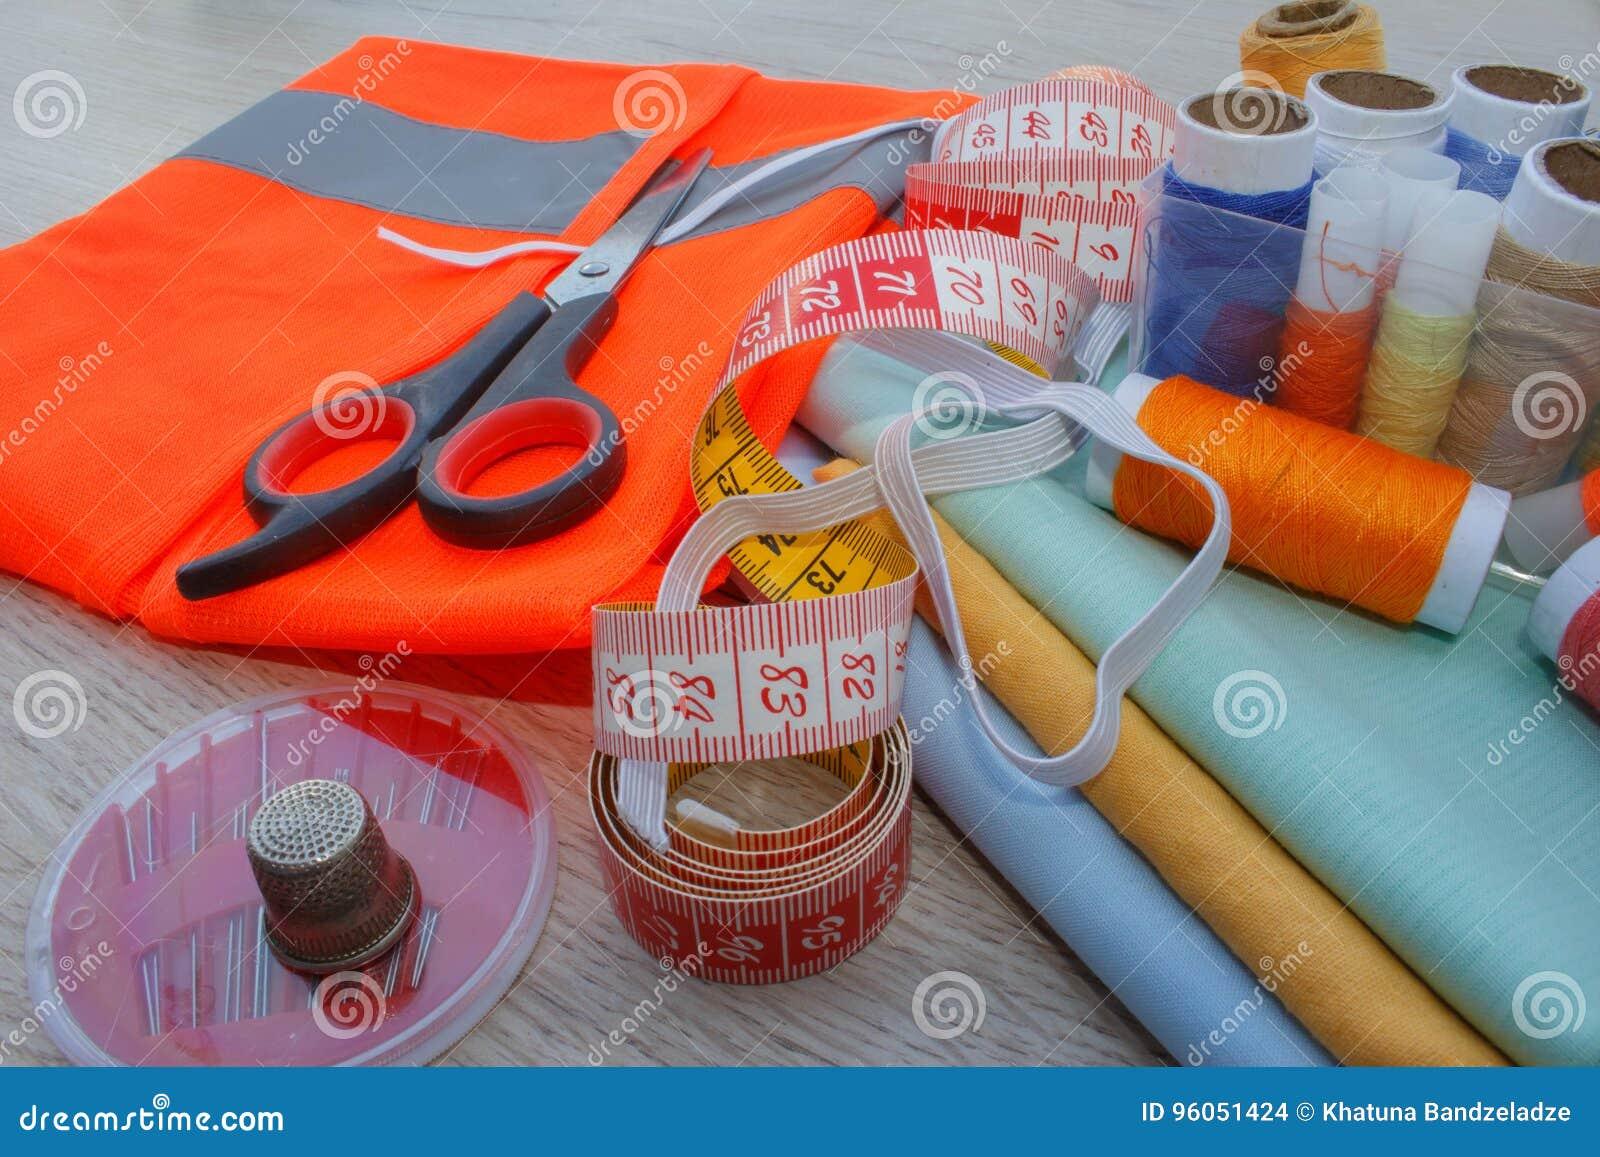 Couture toujours de la vie : tissu coloré les ciseaux et le kit de couture incluent des fils de différentes couleurs, de dé et de